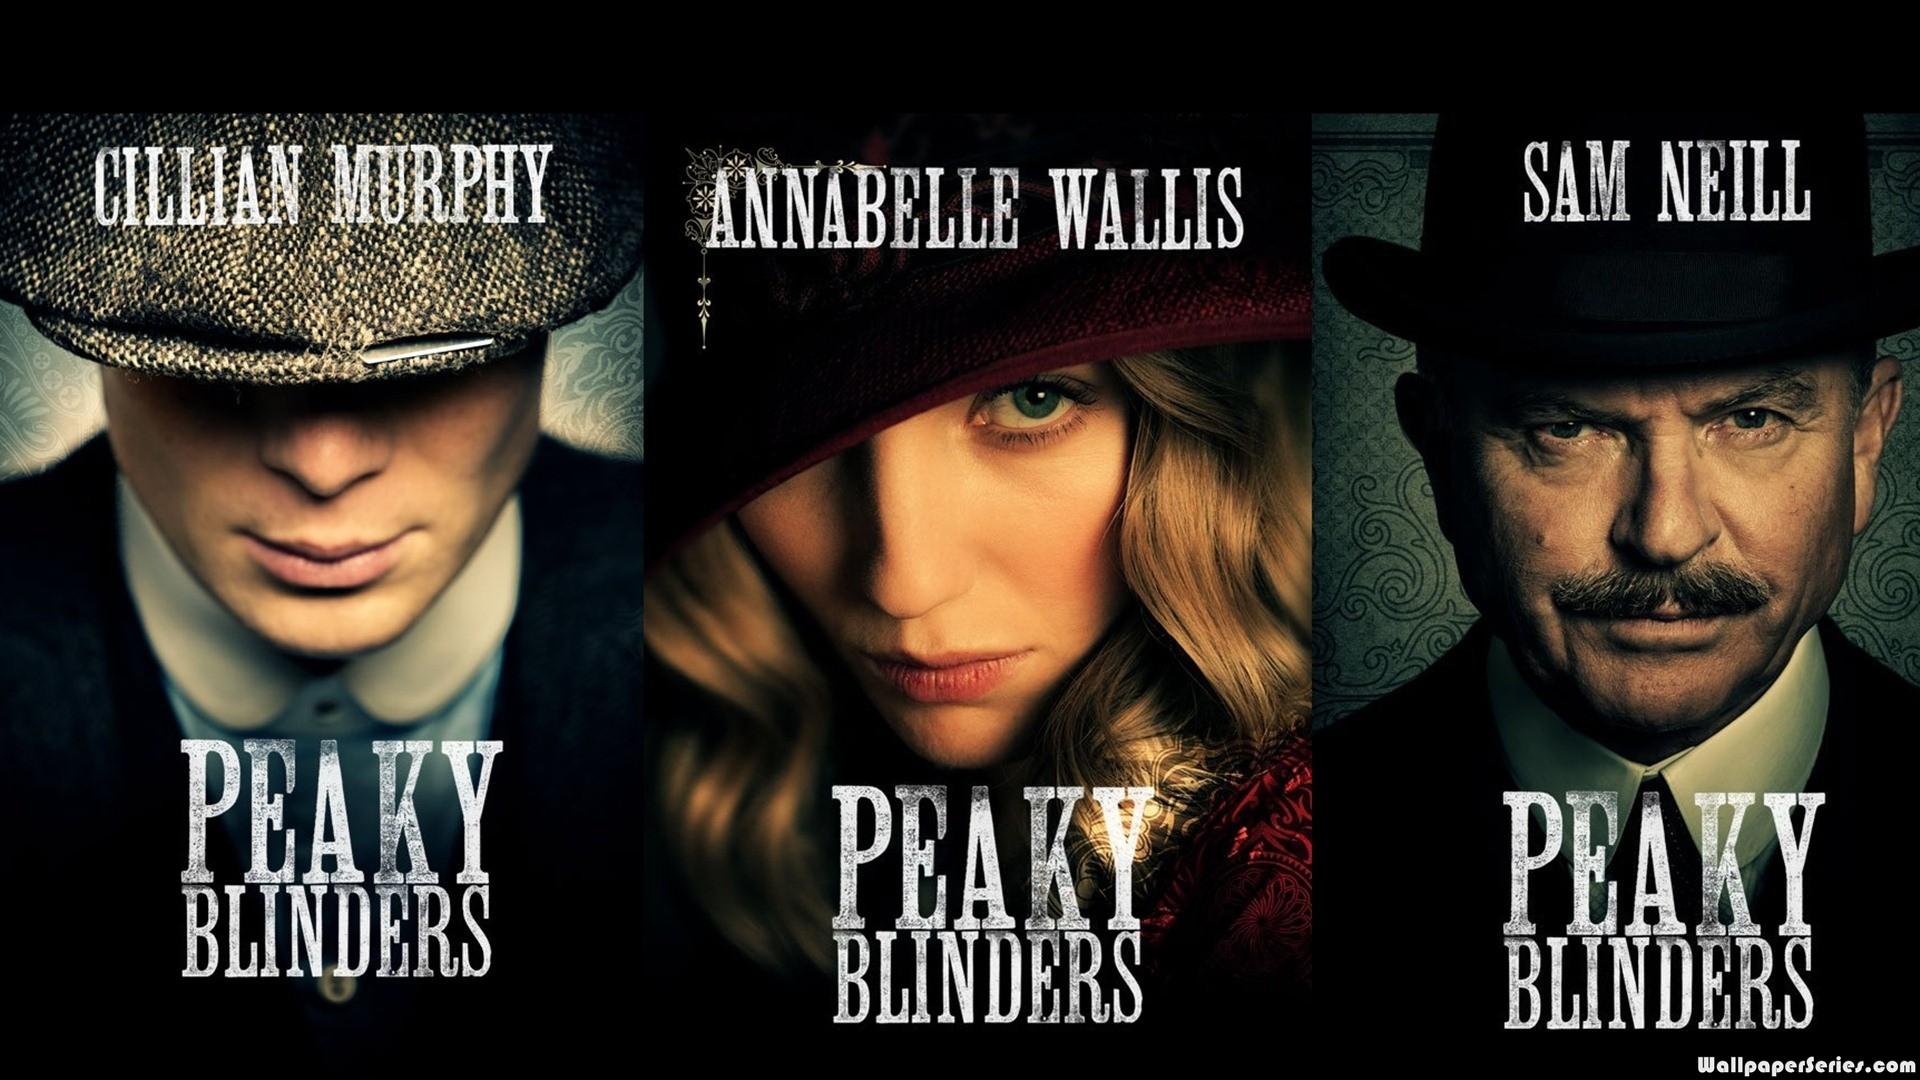 Peaky Blinders Iphone Wallpaper Peaky Blinders La Boardwalk Empire Brit 225 Nica